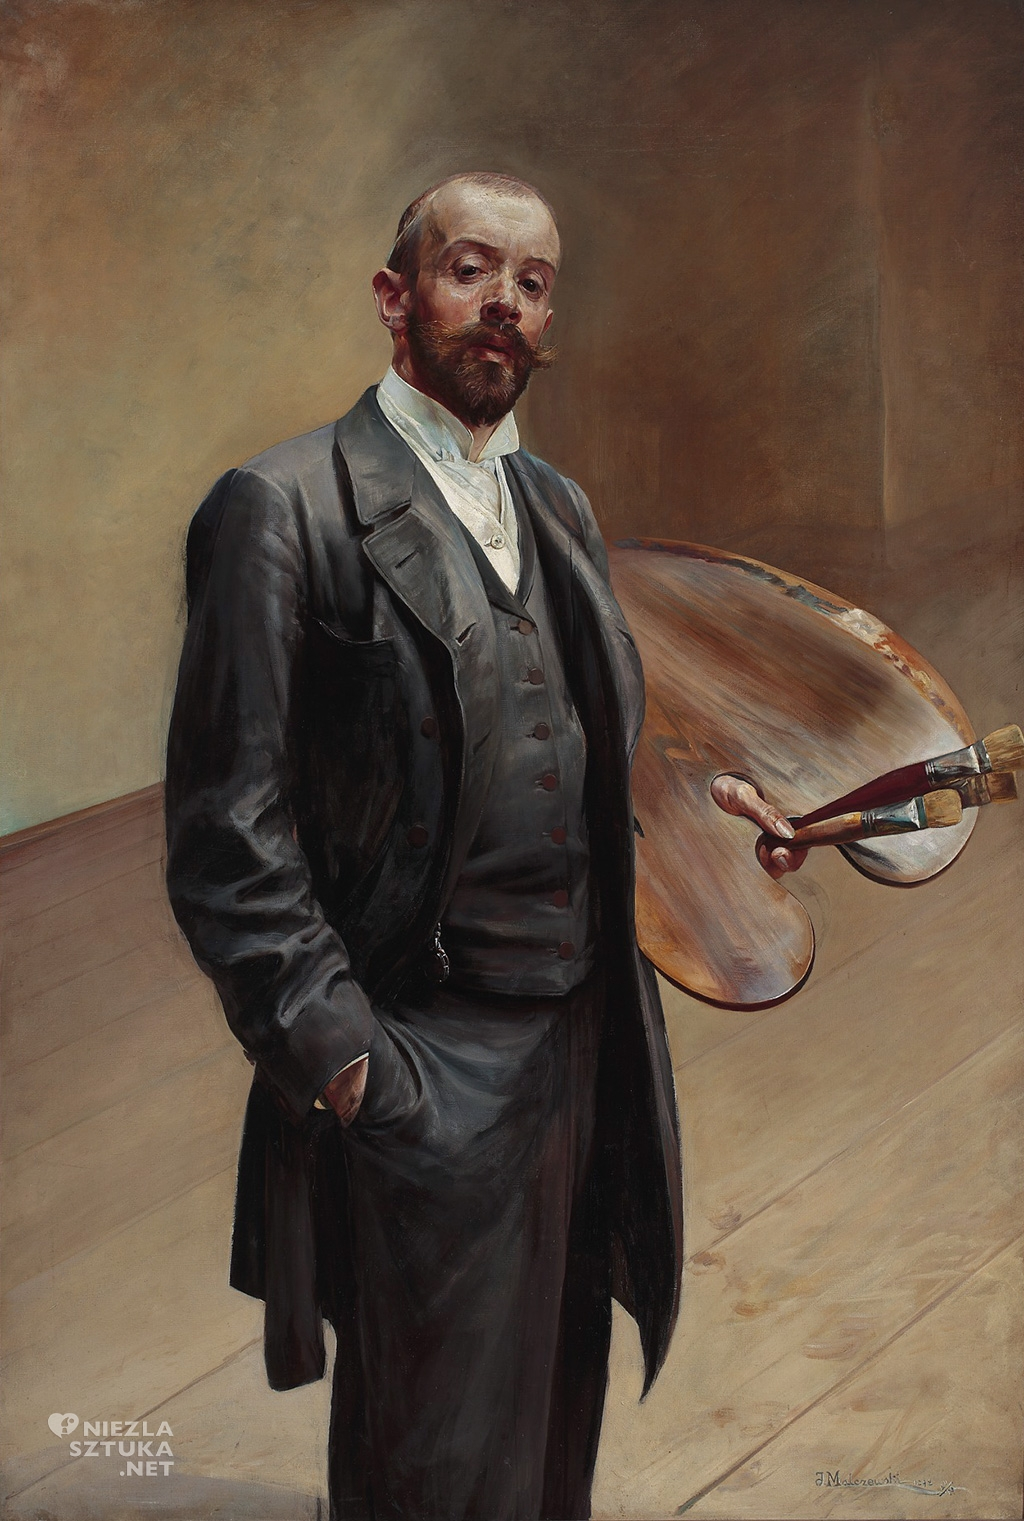 Jacek Malczewski, Autoportret z paletą, Muzeum Narodowe w Warszawie, sztuka polska, Niezła sztuka